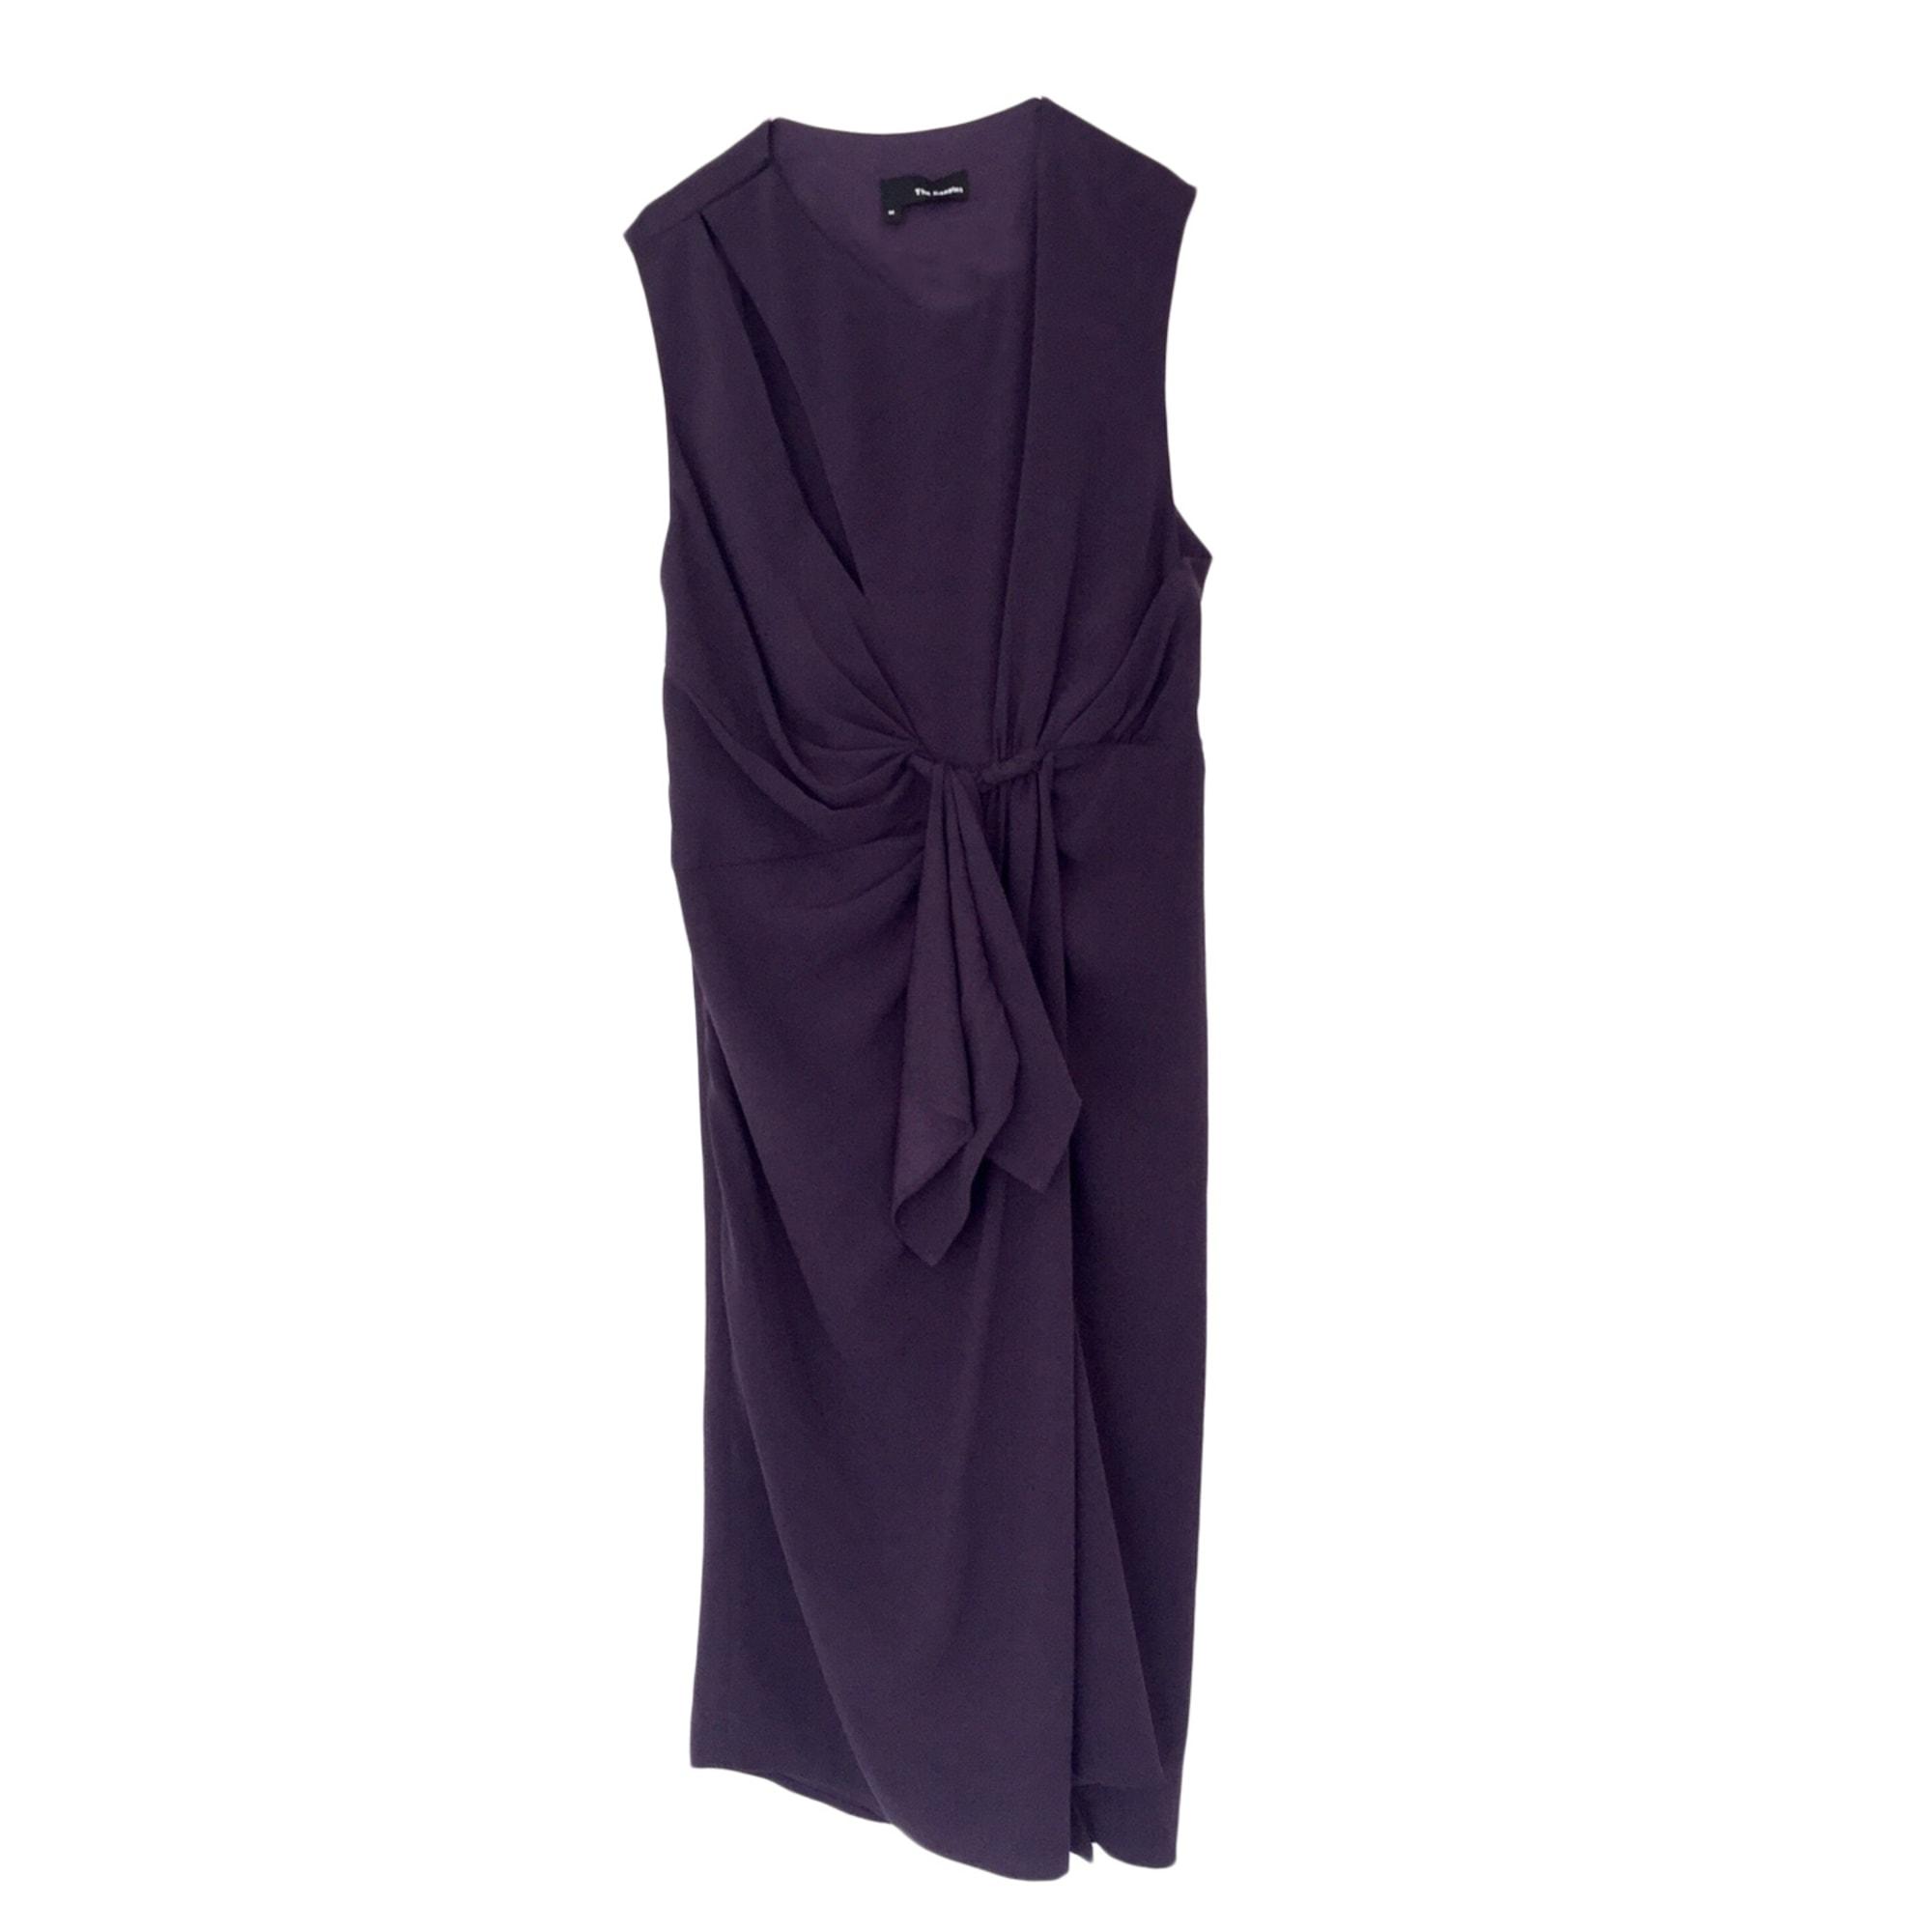 Robe mi-longue THE KOOPLES Violet, mauve, lavande